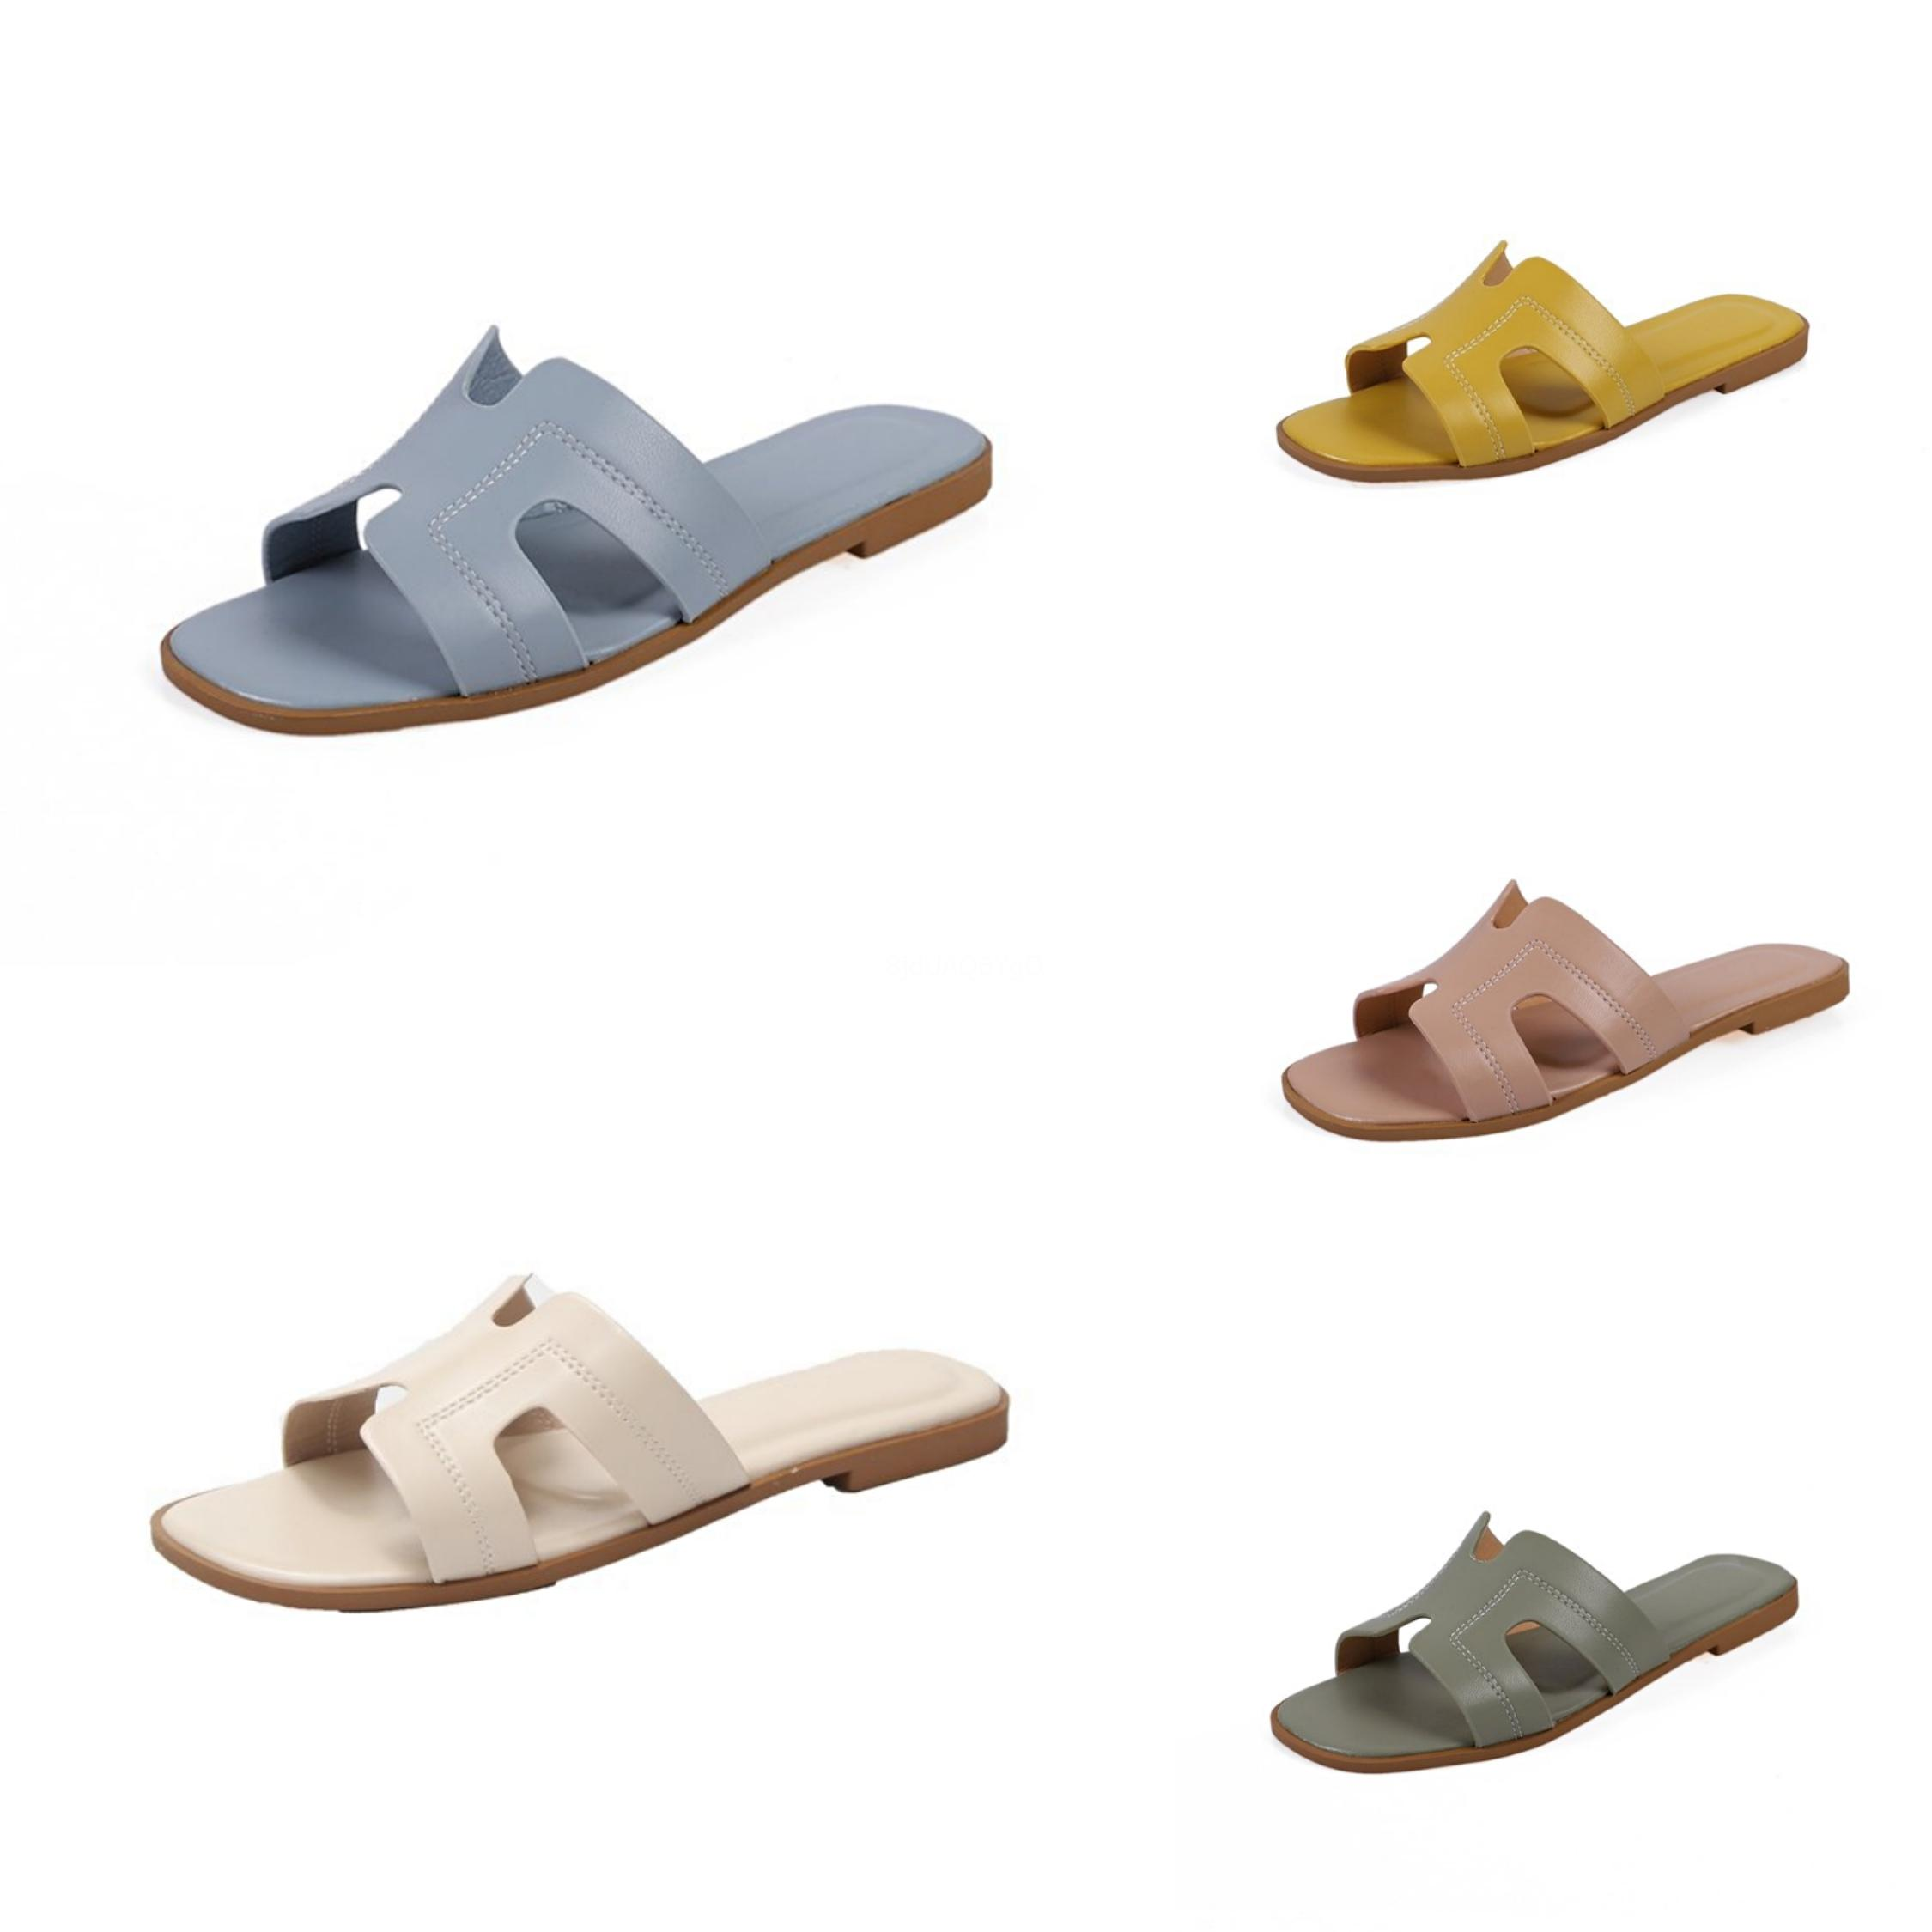 .Мужские Тапочки Обувь Повседневная Slip-On 2020 Новый Летний Выдалбливают Водные Тапочки Тапочки Вьетнамки Размер 40-45 Мужчины#633